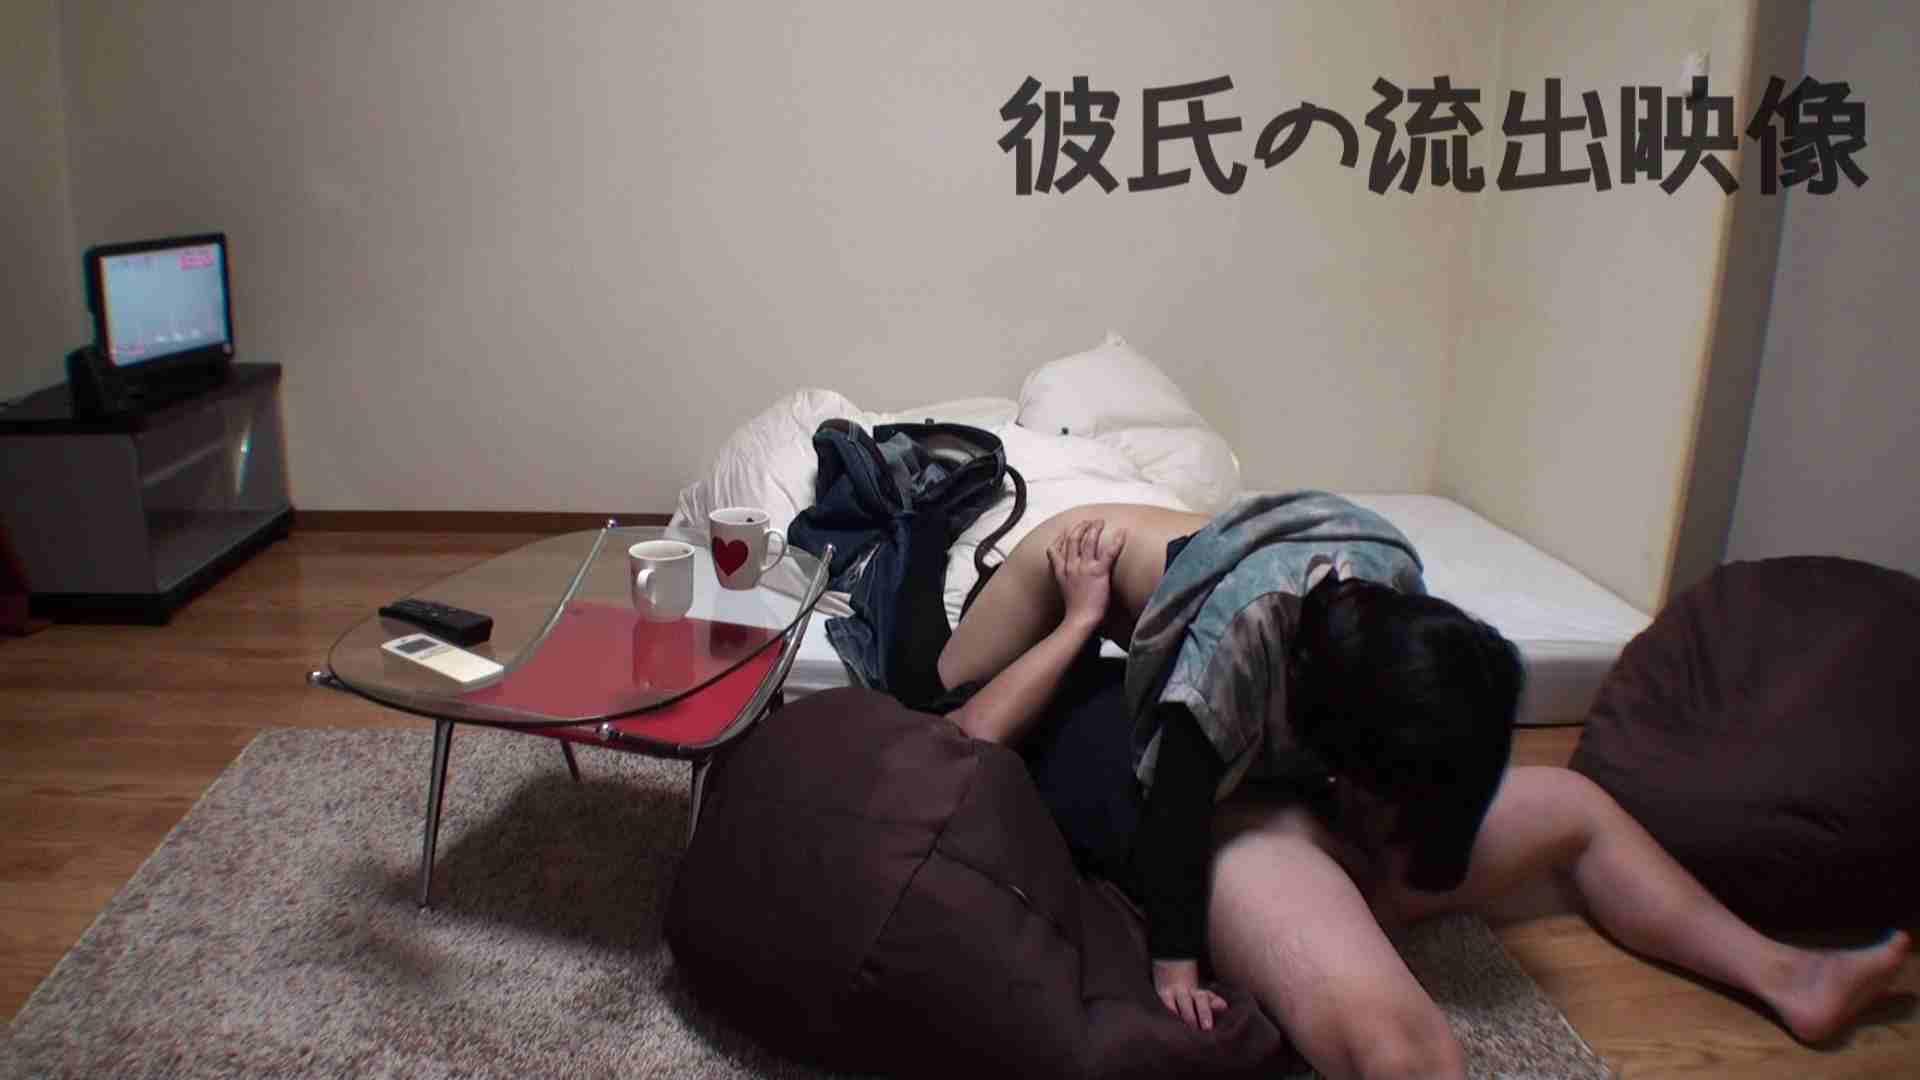 彼氏が流出 パイパン素人嬢のハメ撮り映像02 カップル すけべAV動画紹介 95枚 69